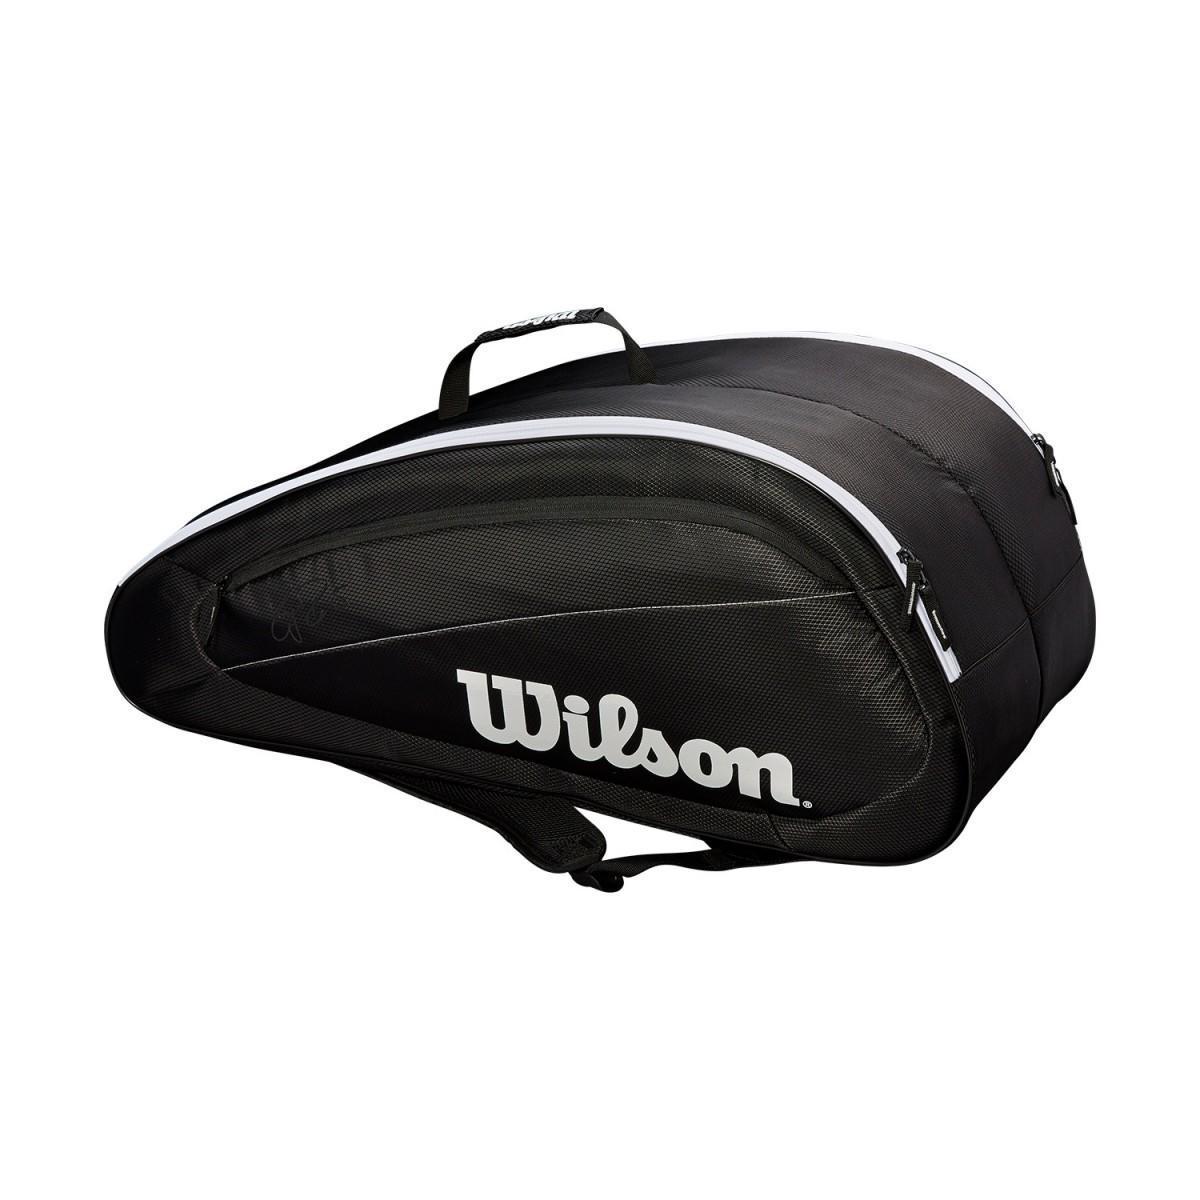 Теннисная сумка Wilson Fed Team 12 Pk Bag black/white